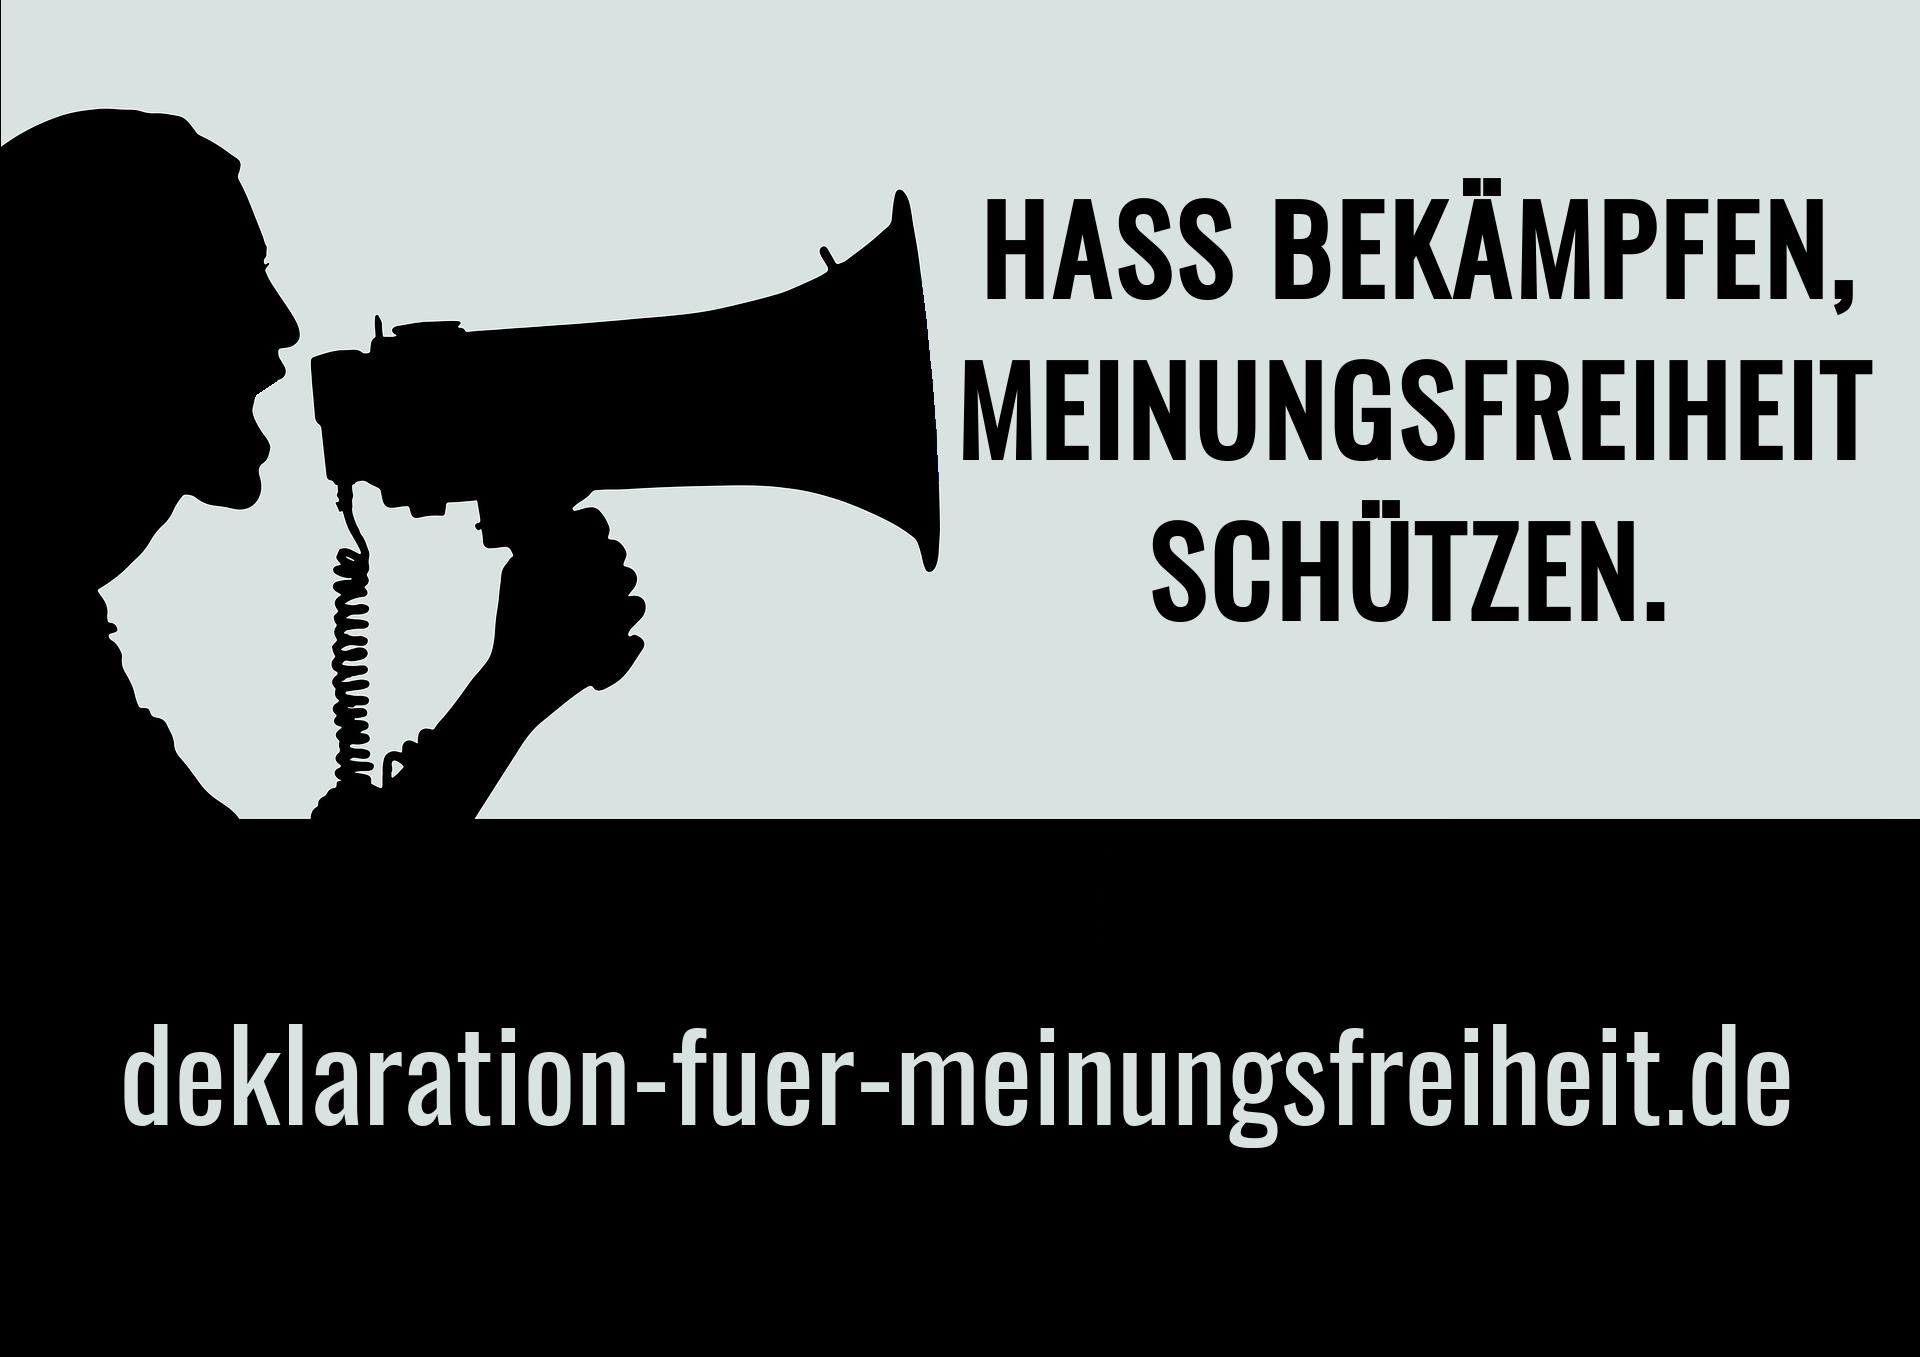 Deklaration zur Meinungsfreiheit